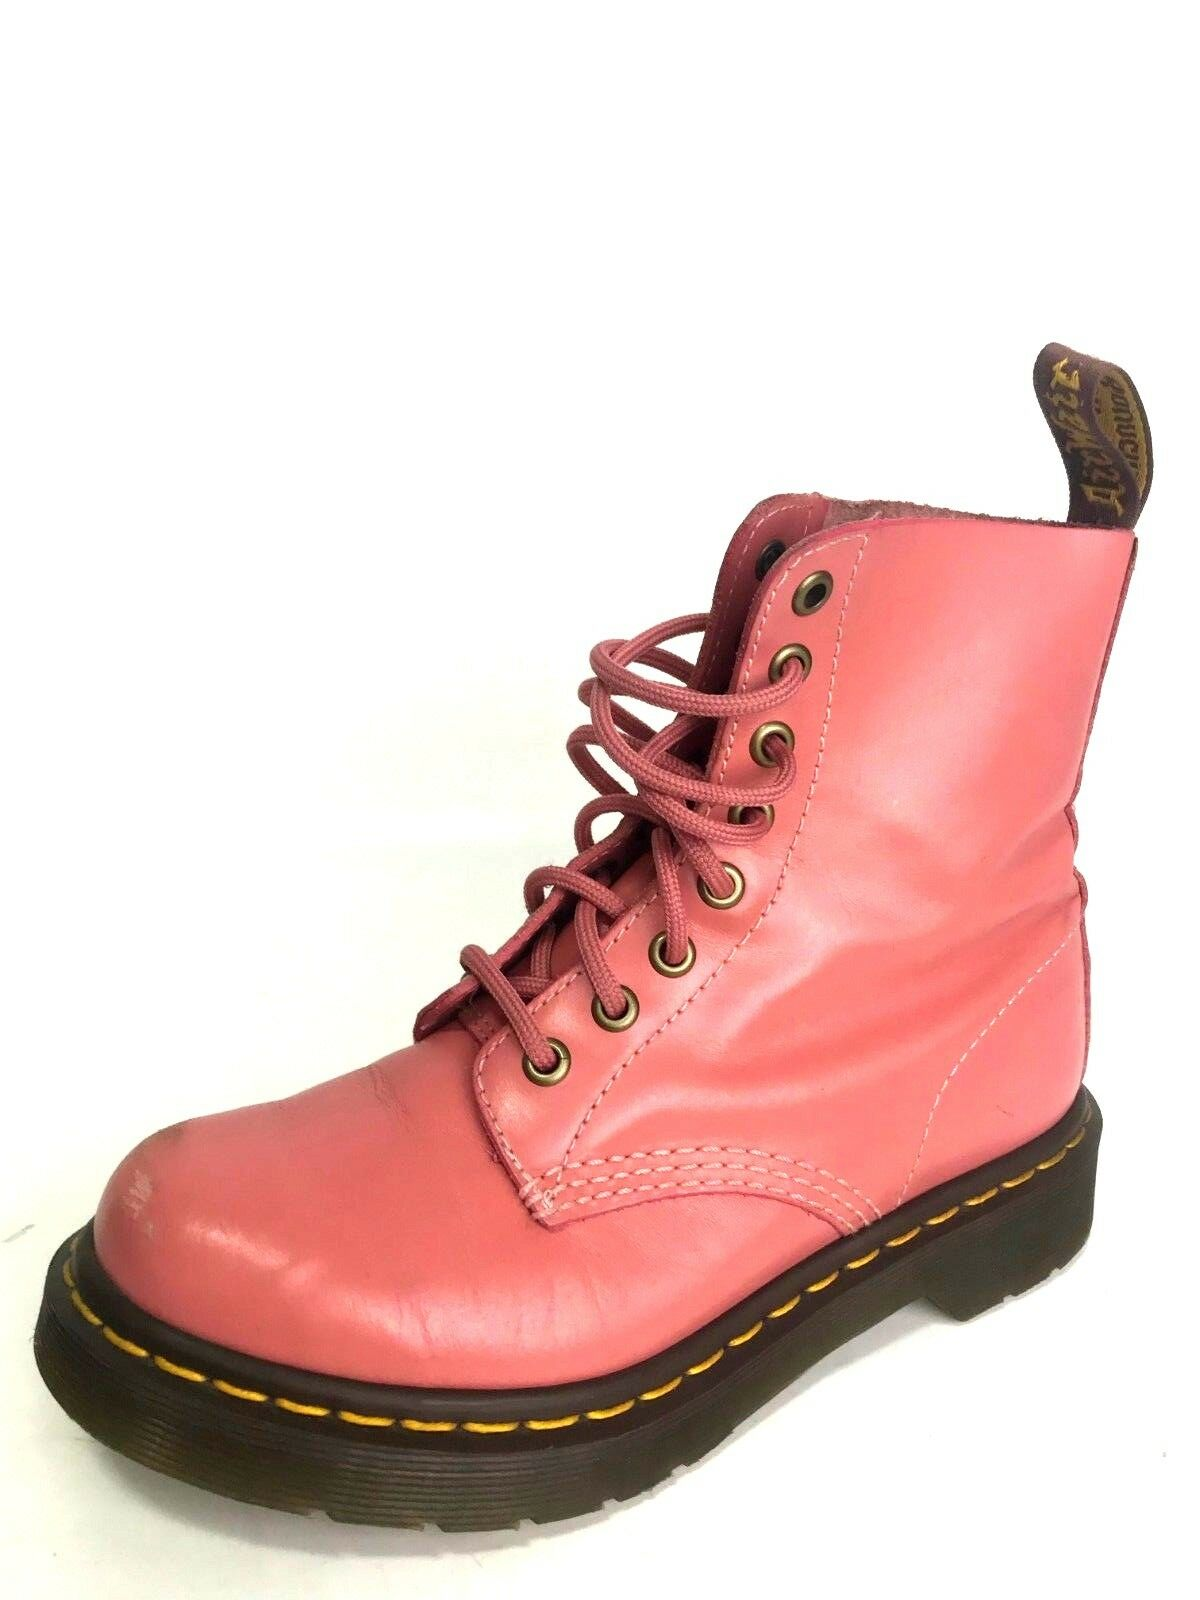 Dr. Martens Pascal Trasero Para Mujer botas al Tobillo rosado rosado rosado Tamaño; US.5 EU.36 UK.3  compras en linea